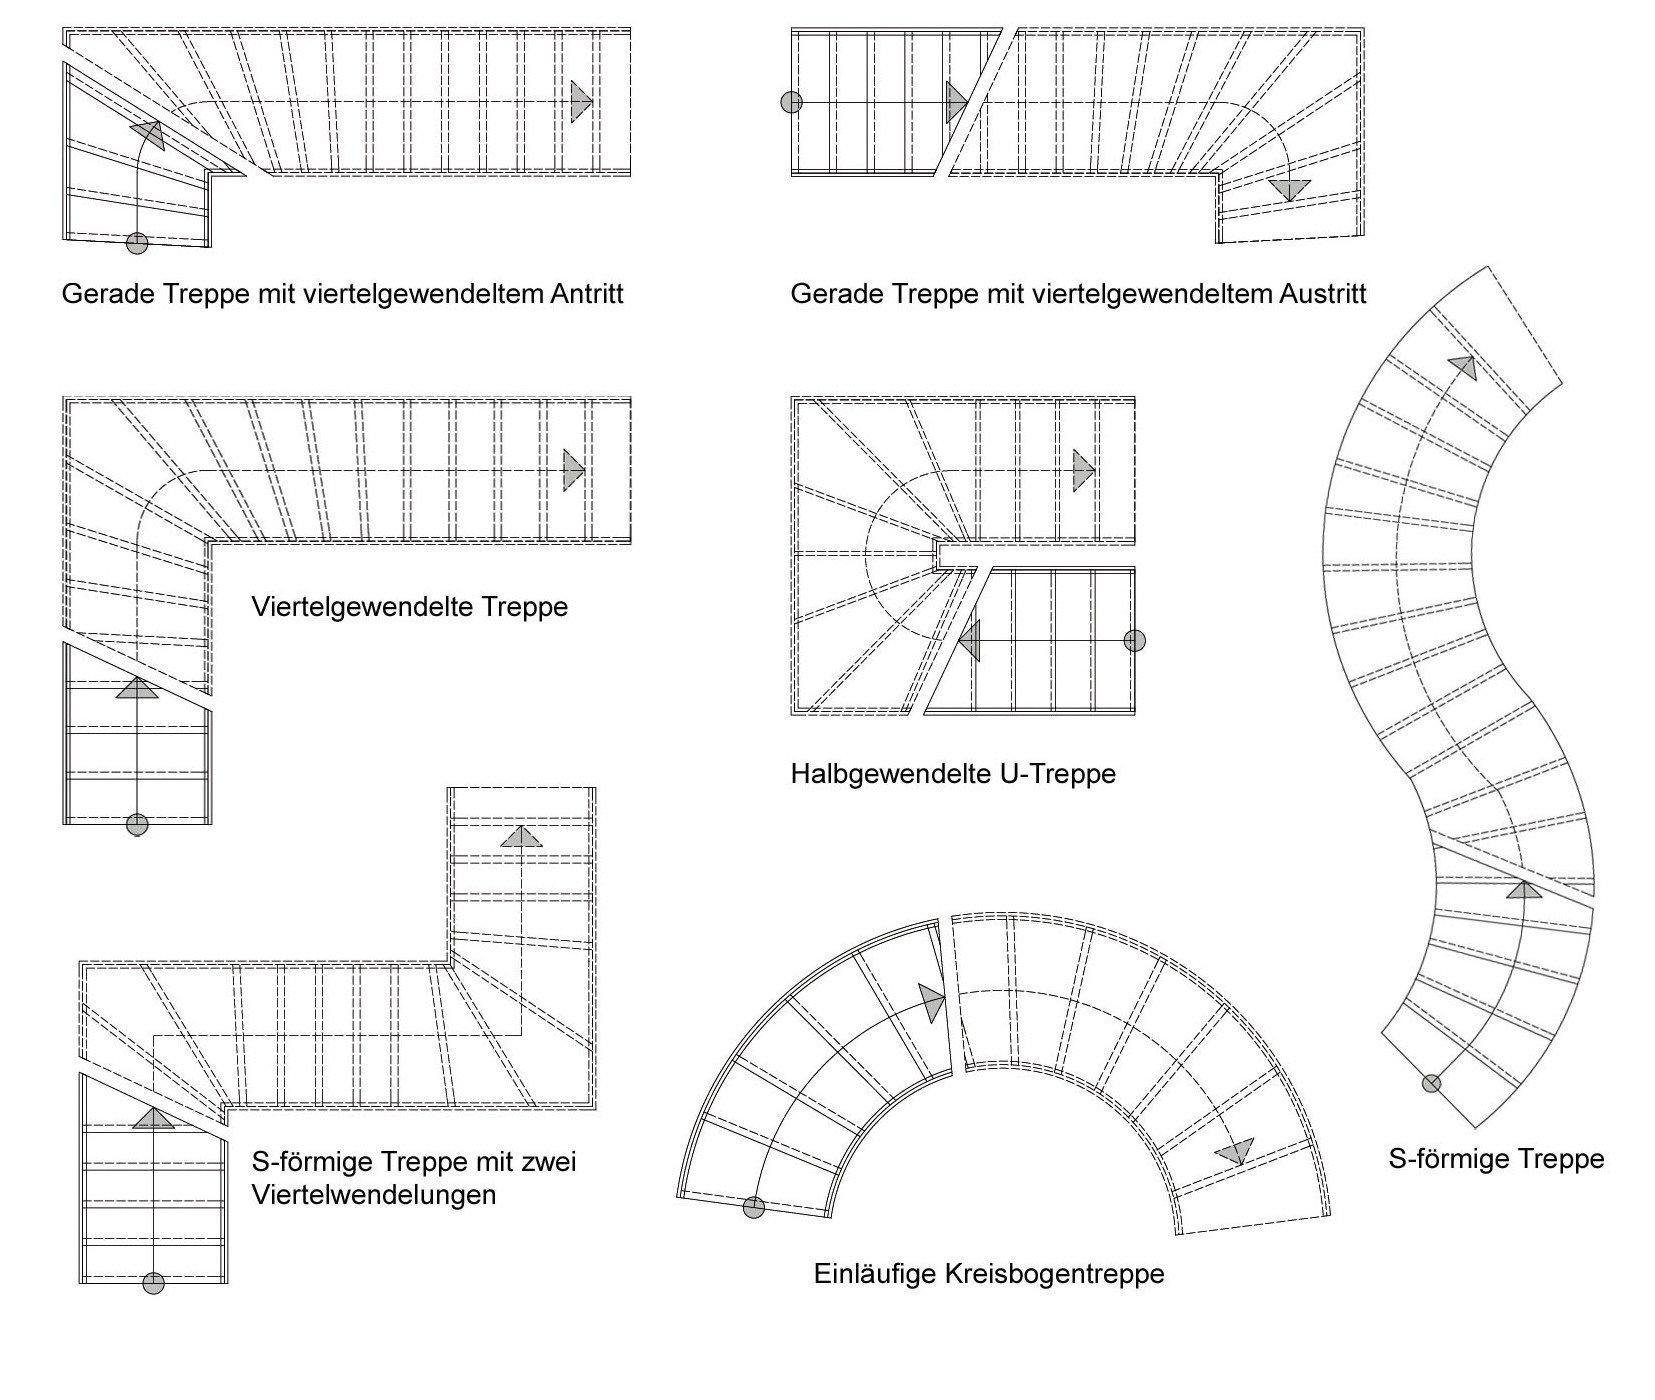 Turbo Gewendelte Treppen | Treppen | Treppenformen | Baunetz_Wissen XQ03